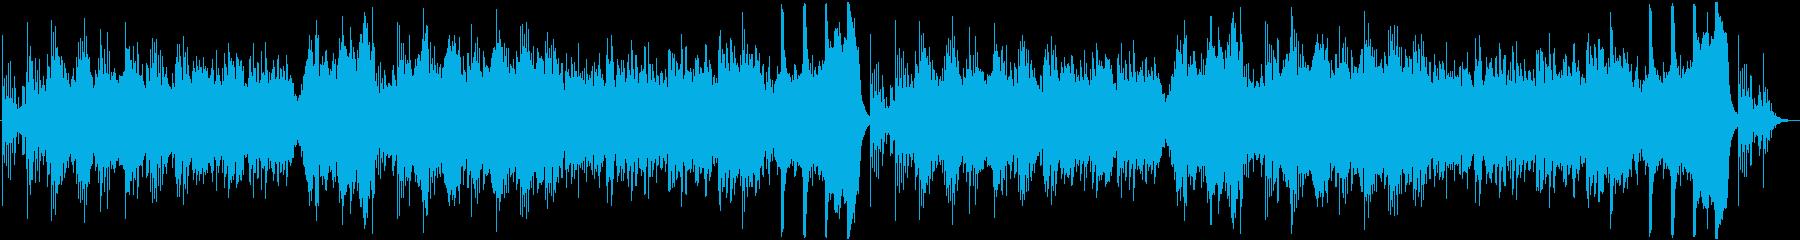 ピアノの旋律が印象的なホラーBGMの再生済みの波形